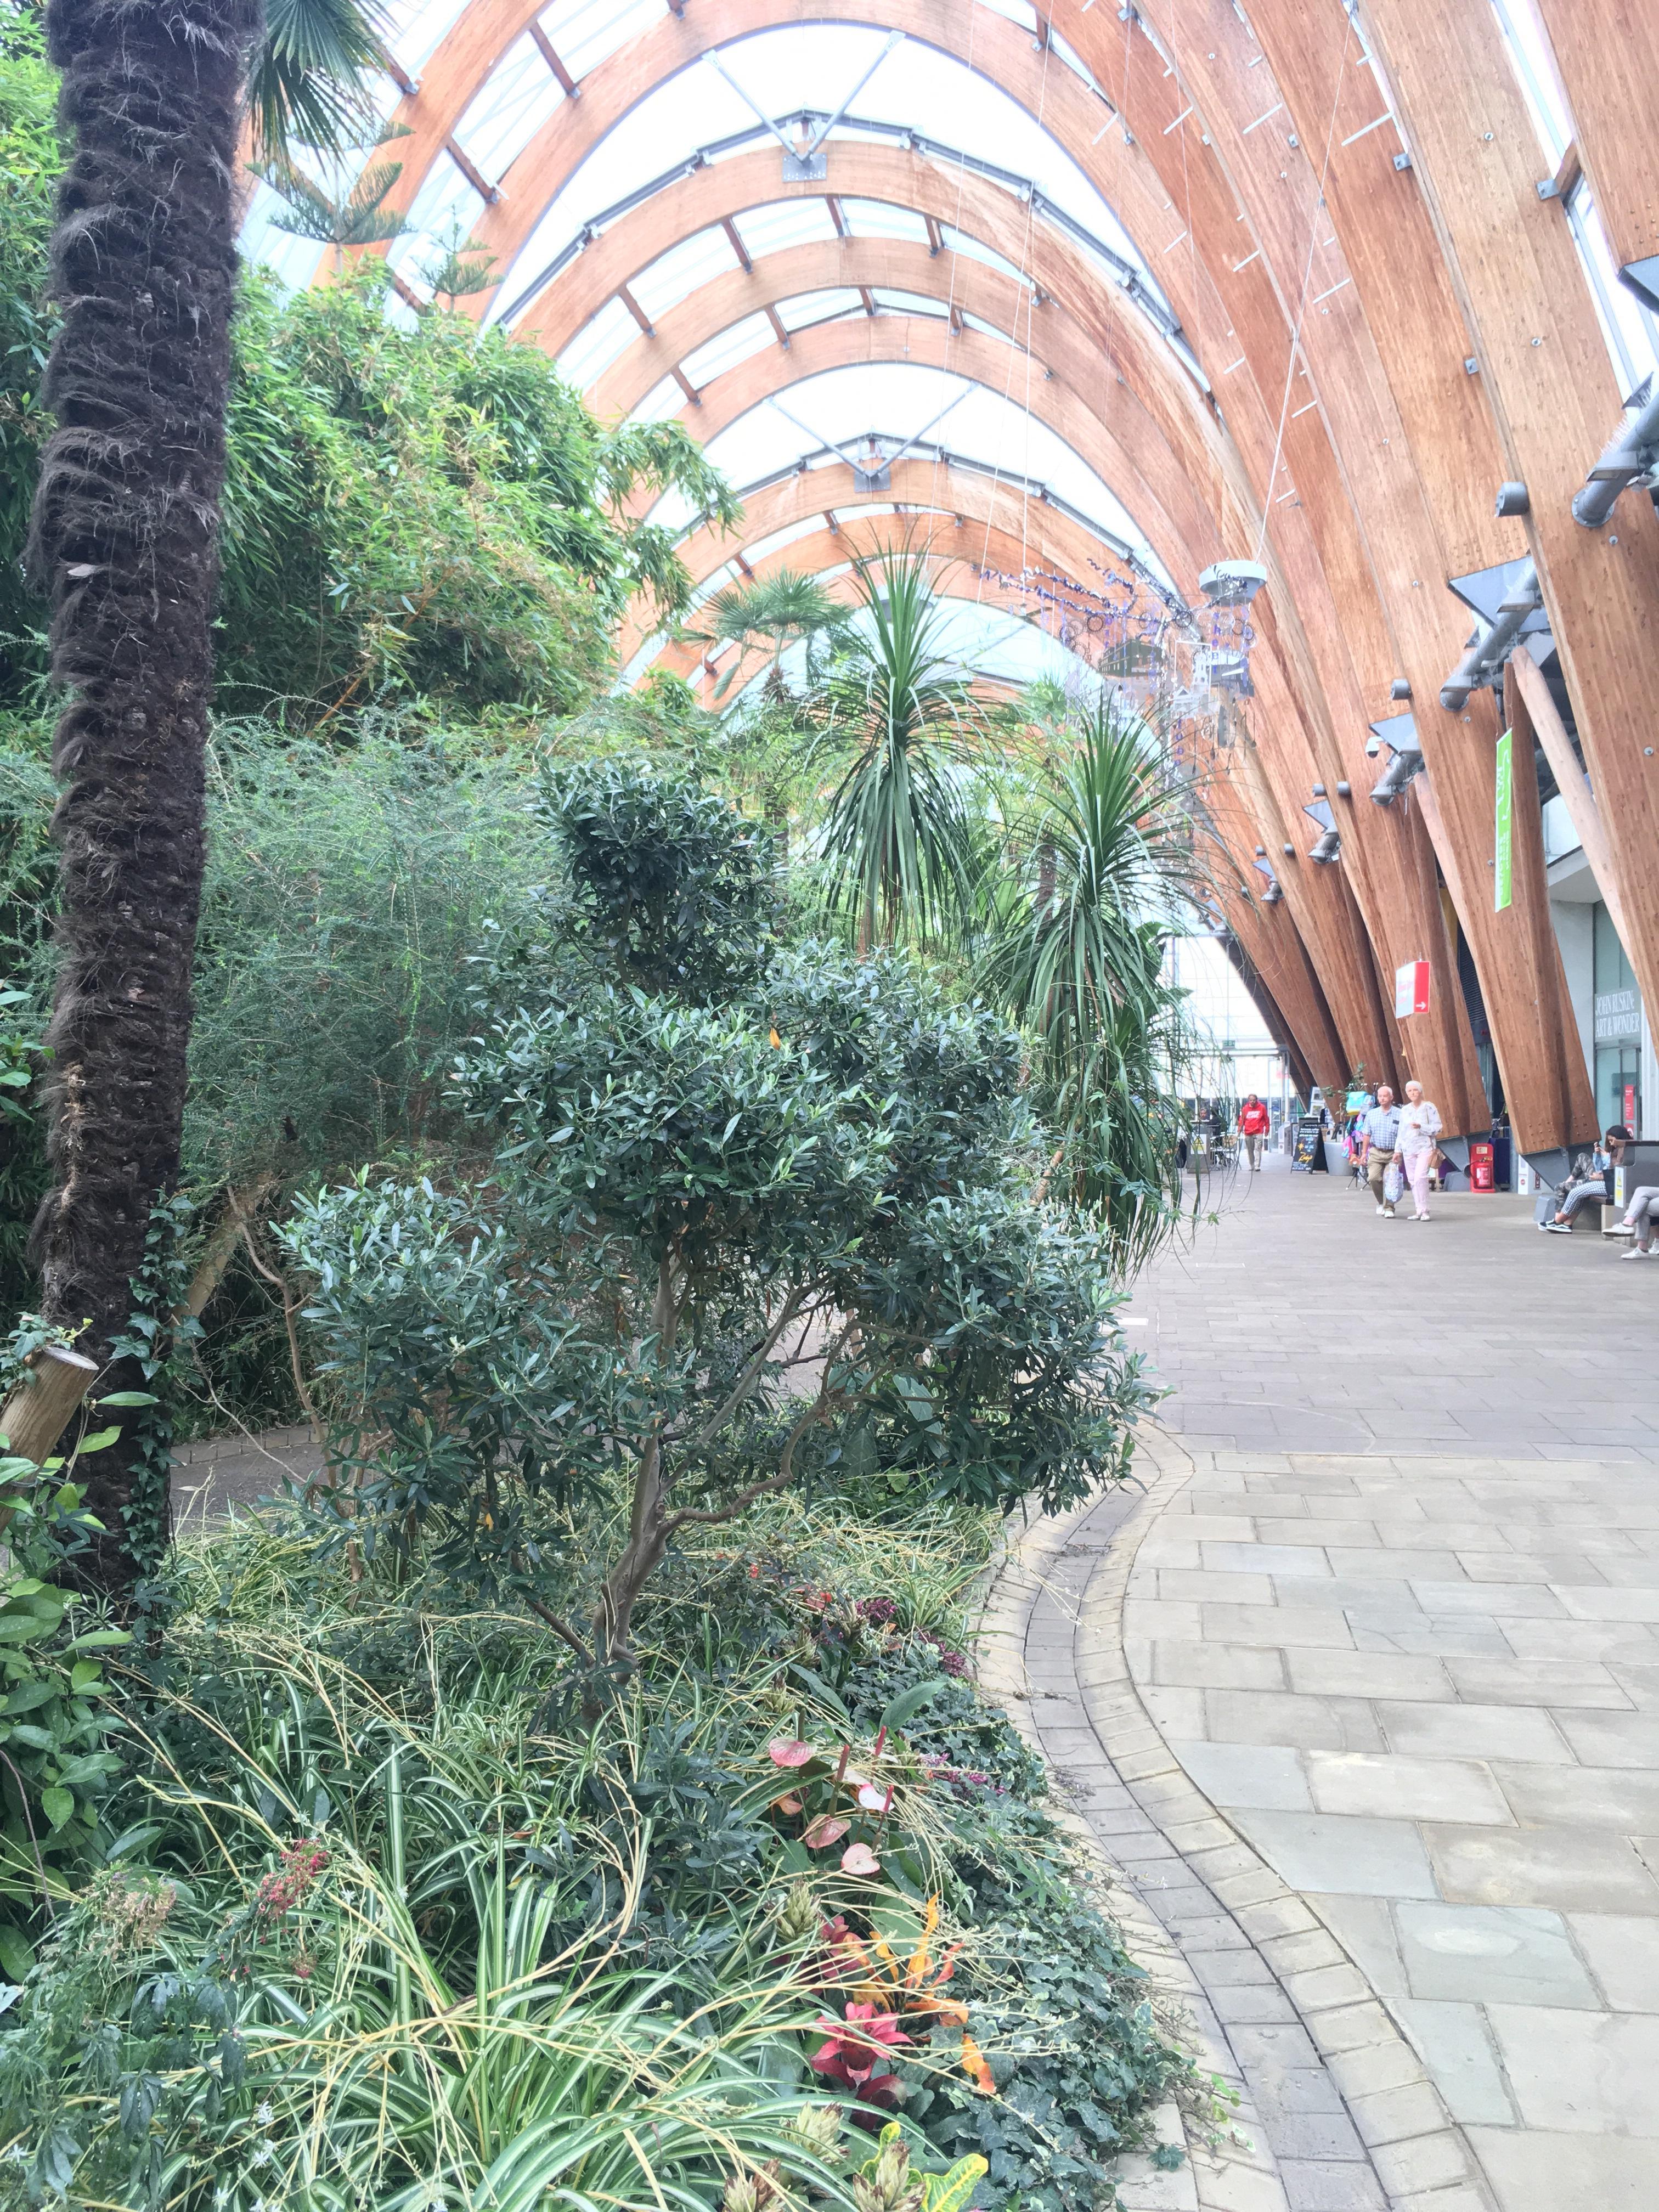 Sheffield, winter gardens, olive, tea tree, Aromatherapy, massage, essential oils, Belper, Derbyshire, gardens